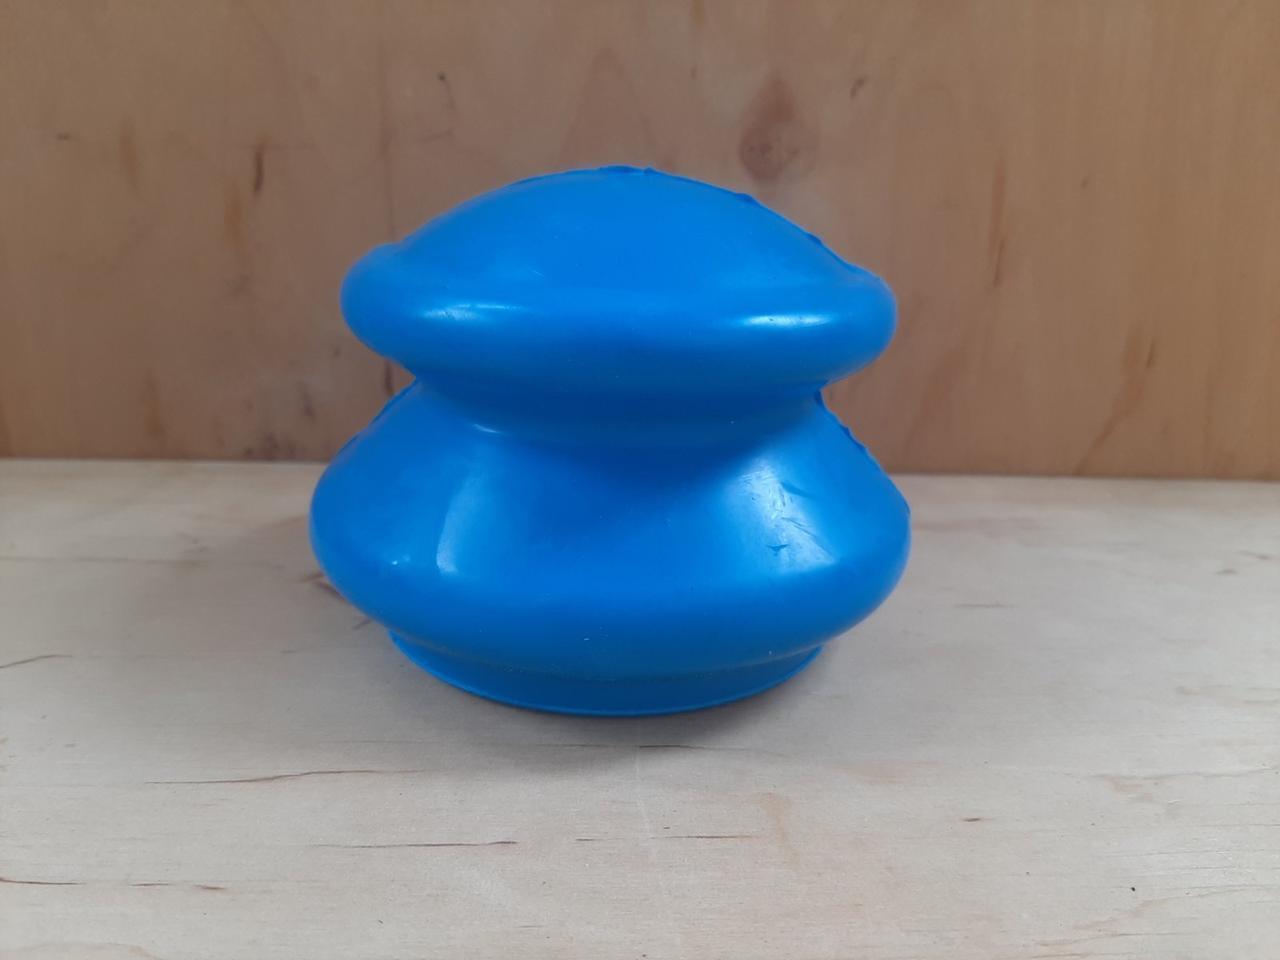 Банка резиновая для вакуумного массажа 8 см